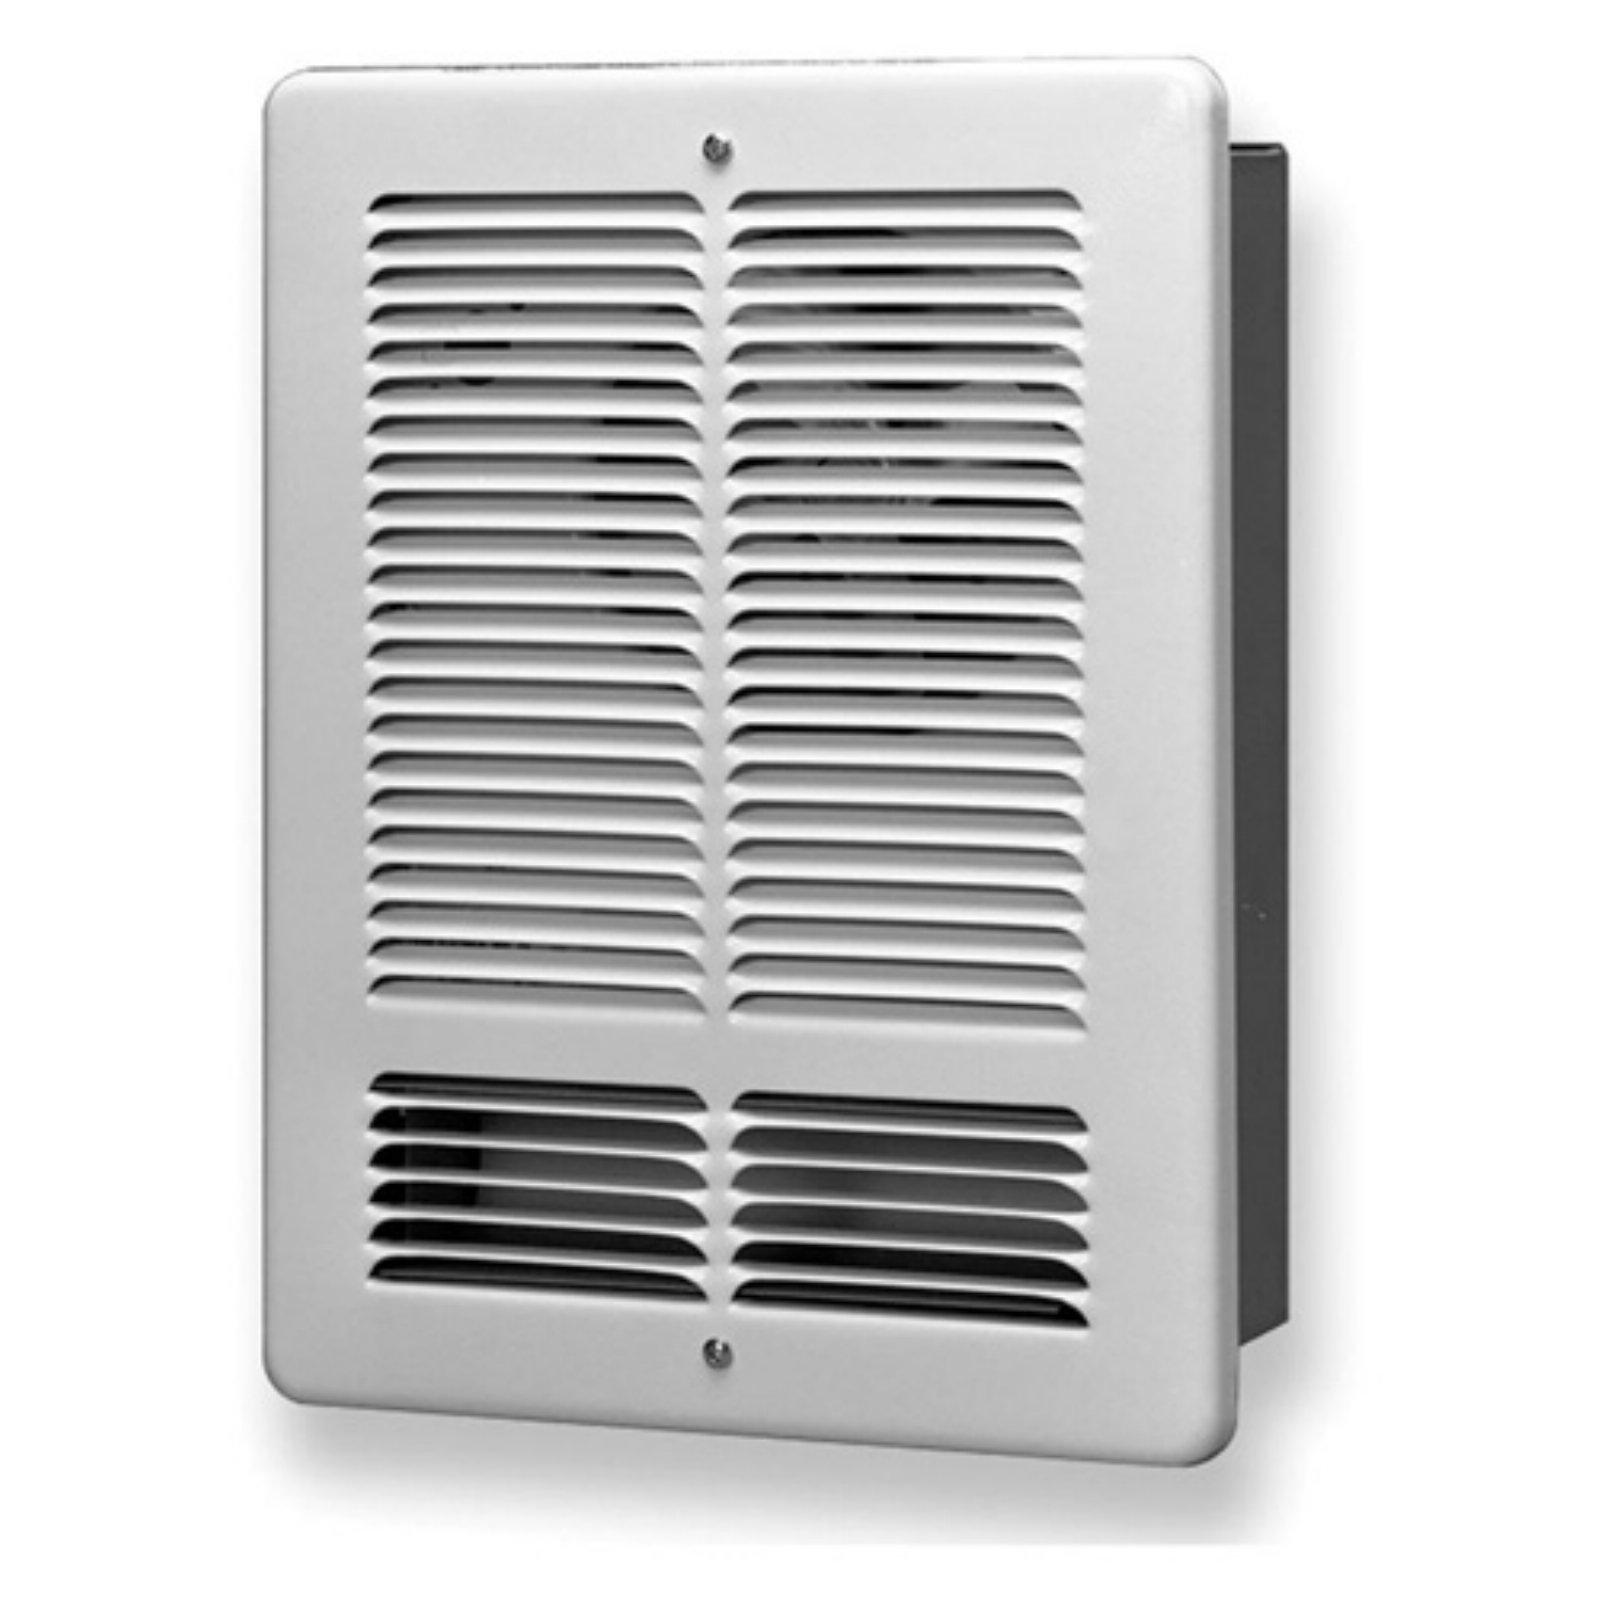 King Electrical 1500W Fan Forced Wall Heater